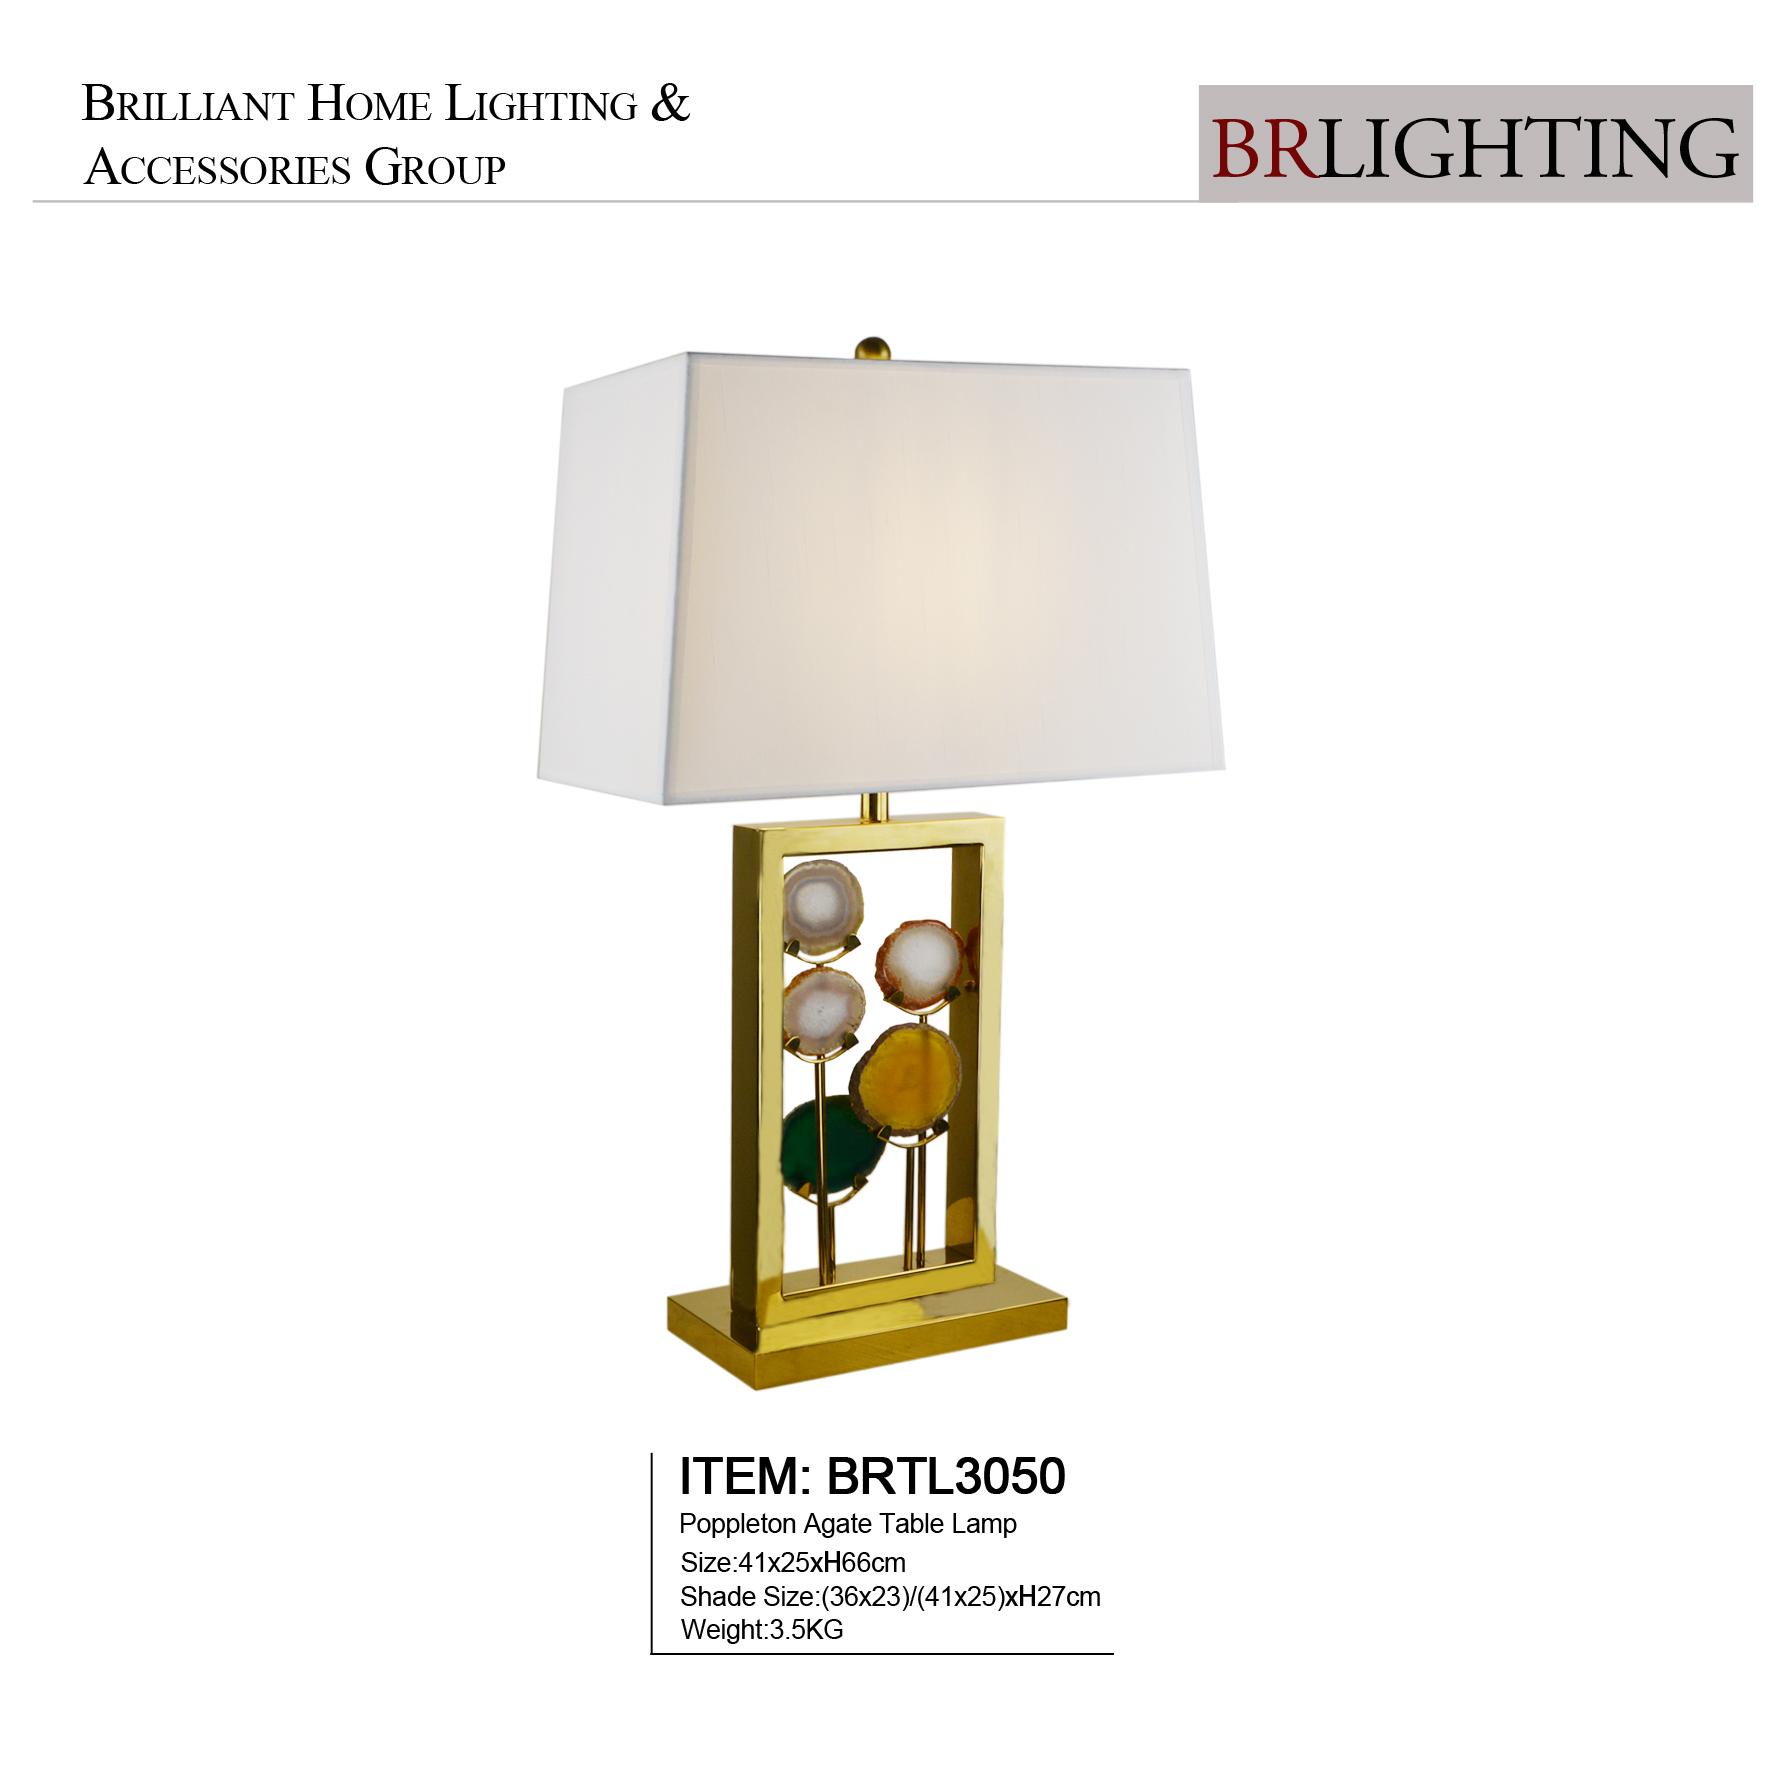 Уникальный дизайн, роскошная настольная лампа Brlighting из агата для прикроватного столика отеля